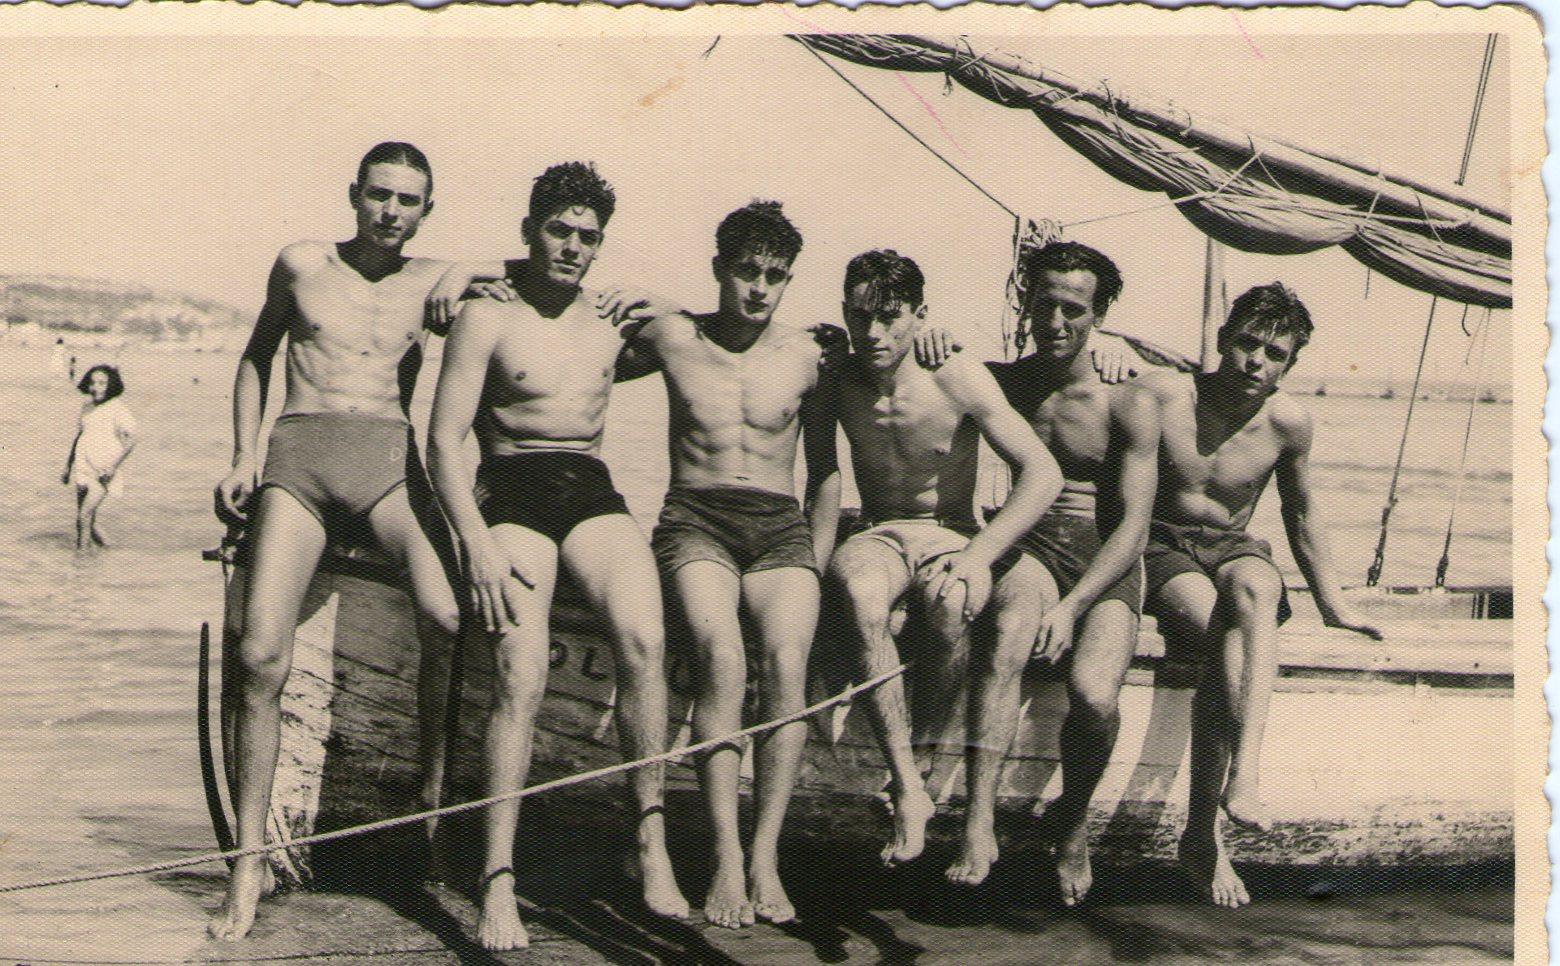 Vincenzo Del Zompo, il primo a sinistra, in una foto al mare con i coetanei, negli anni '30. Il volume è ricco di fotografie d'epoca